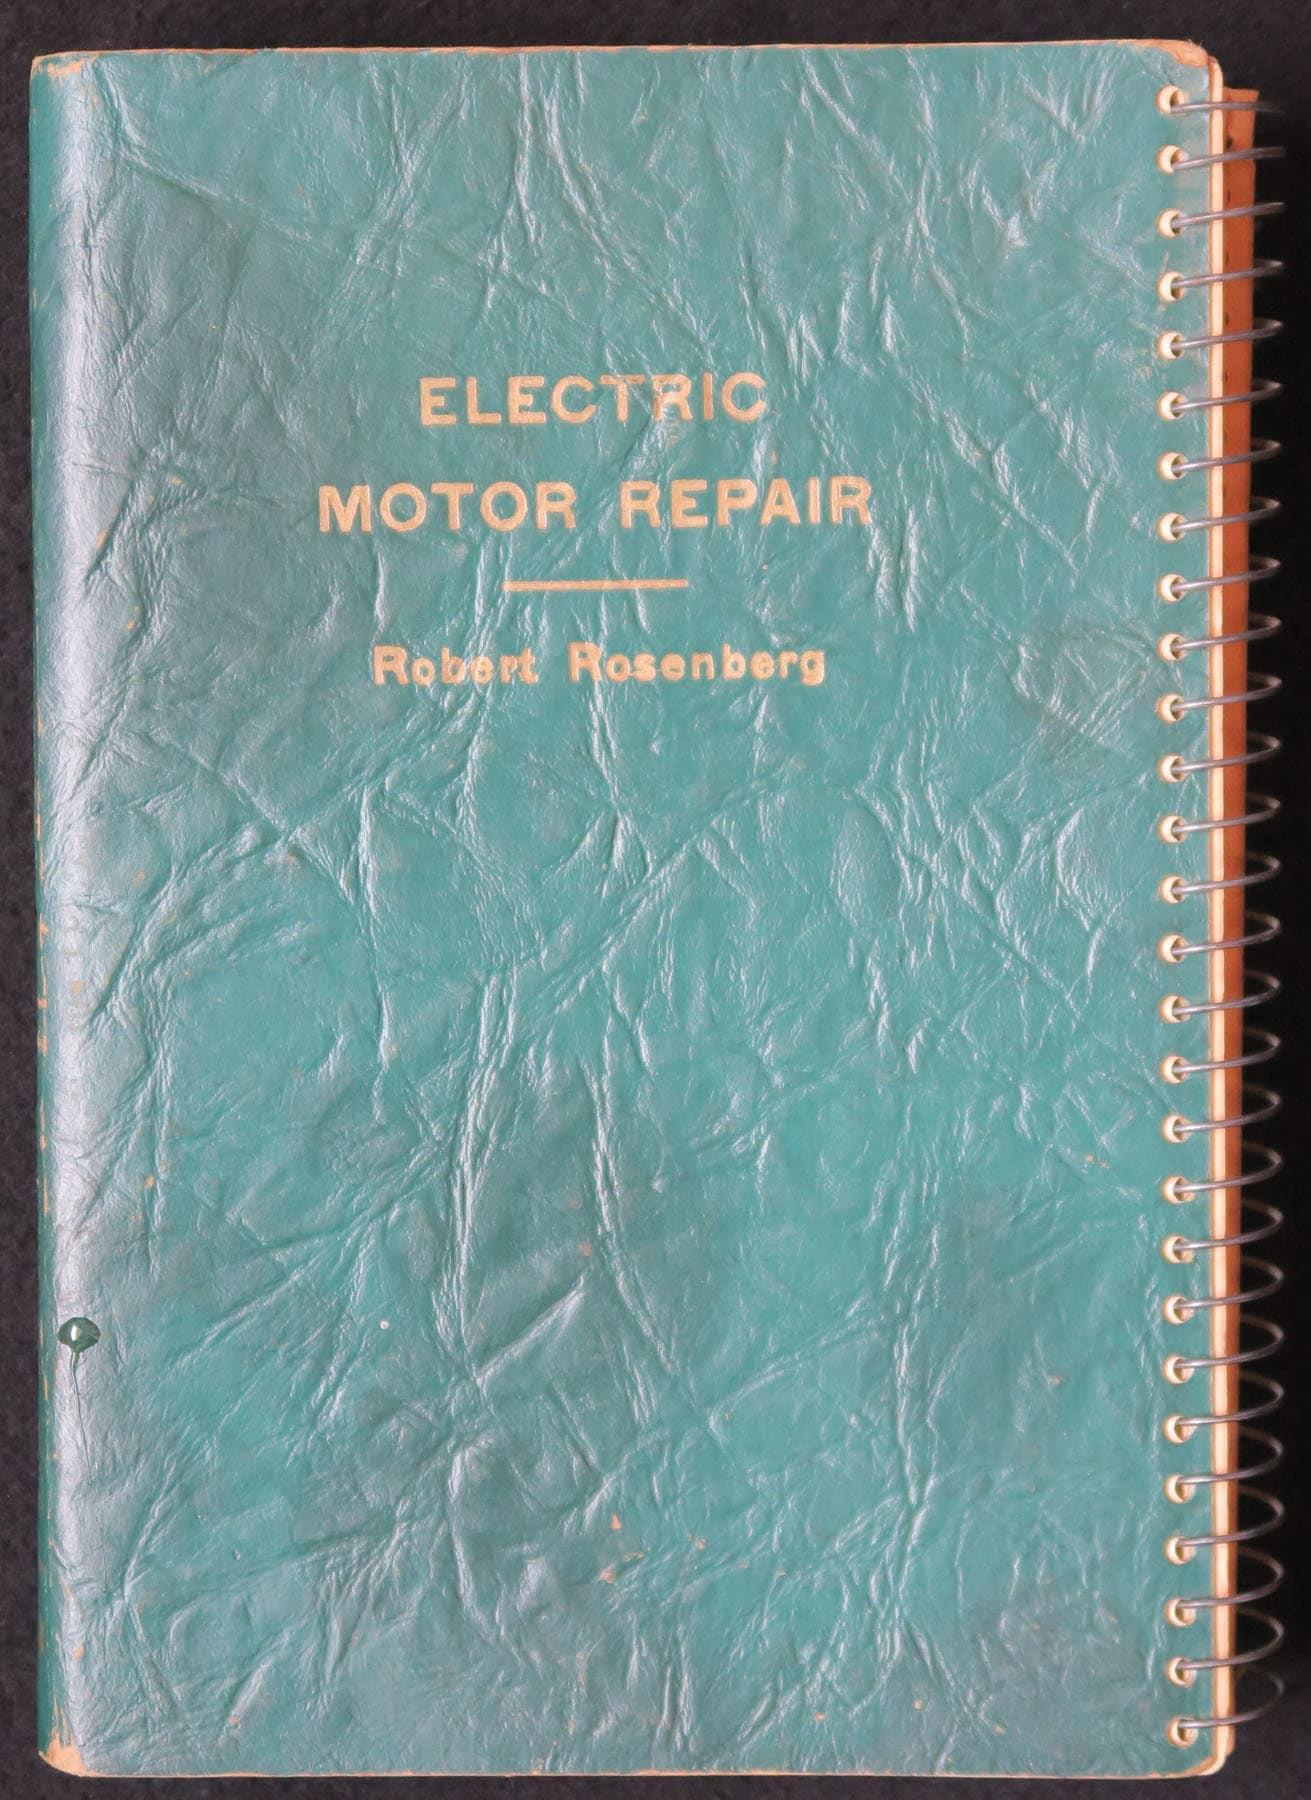 Electric Motor Repair by Robert Rosenberg 1949